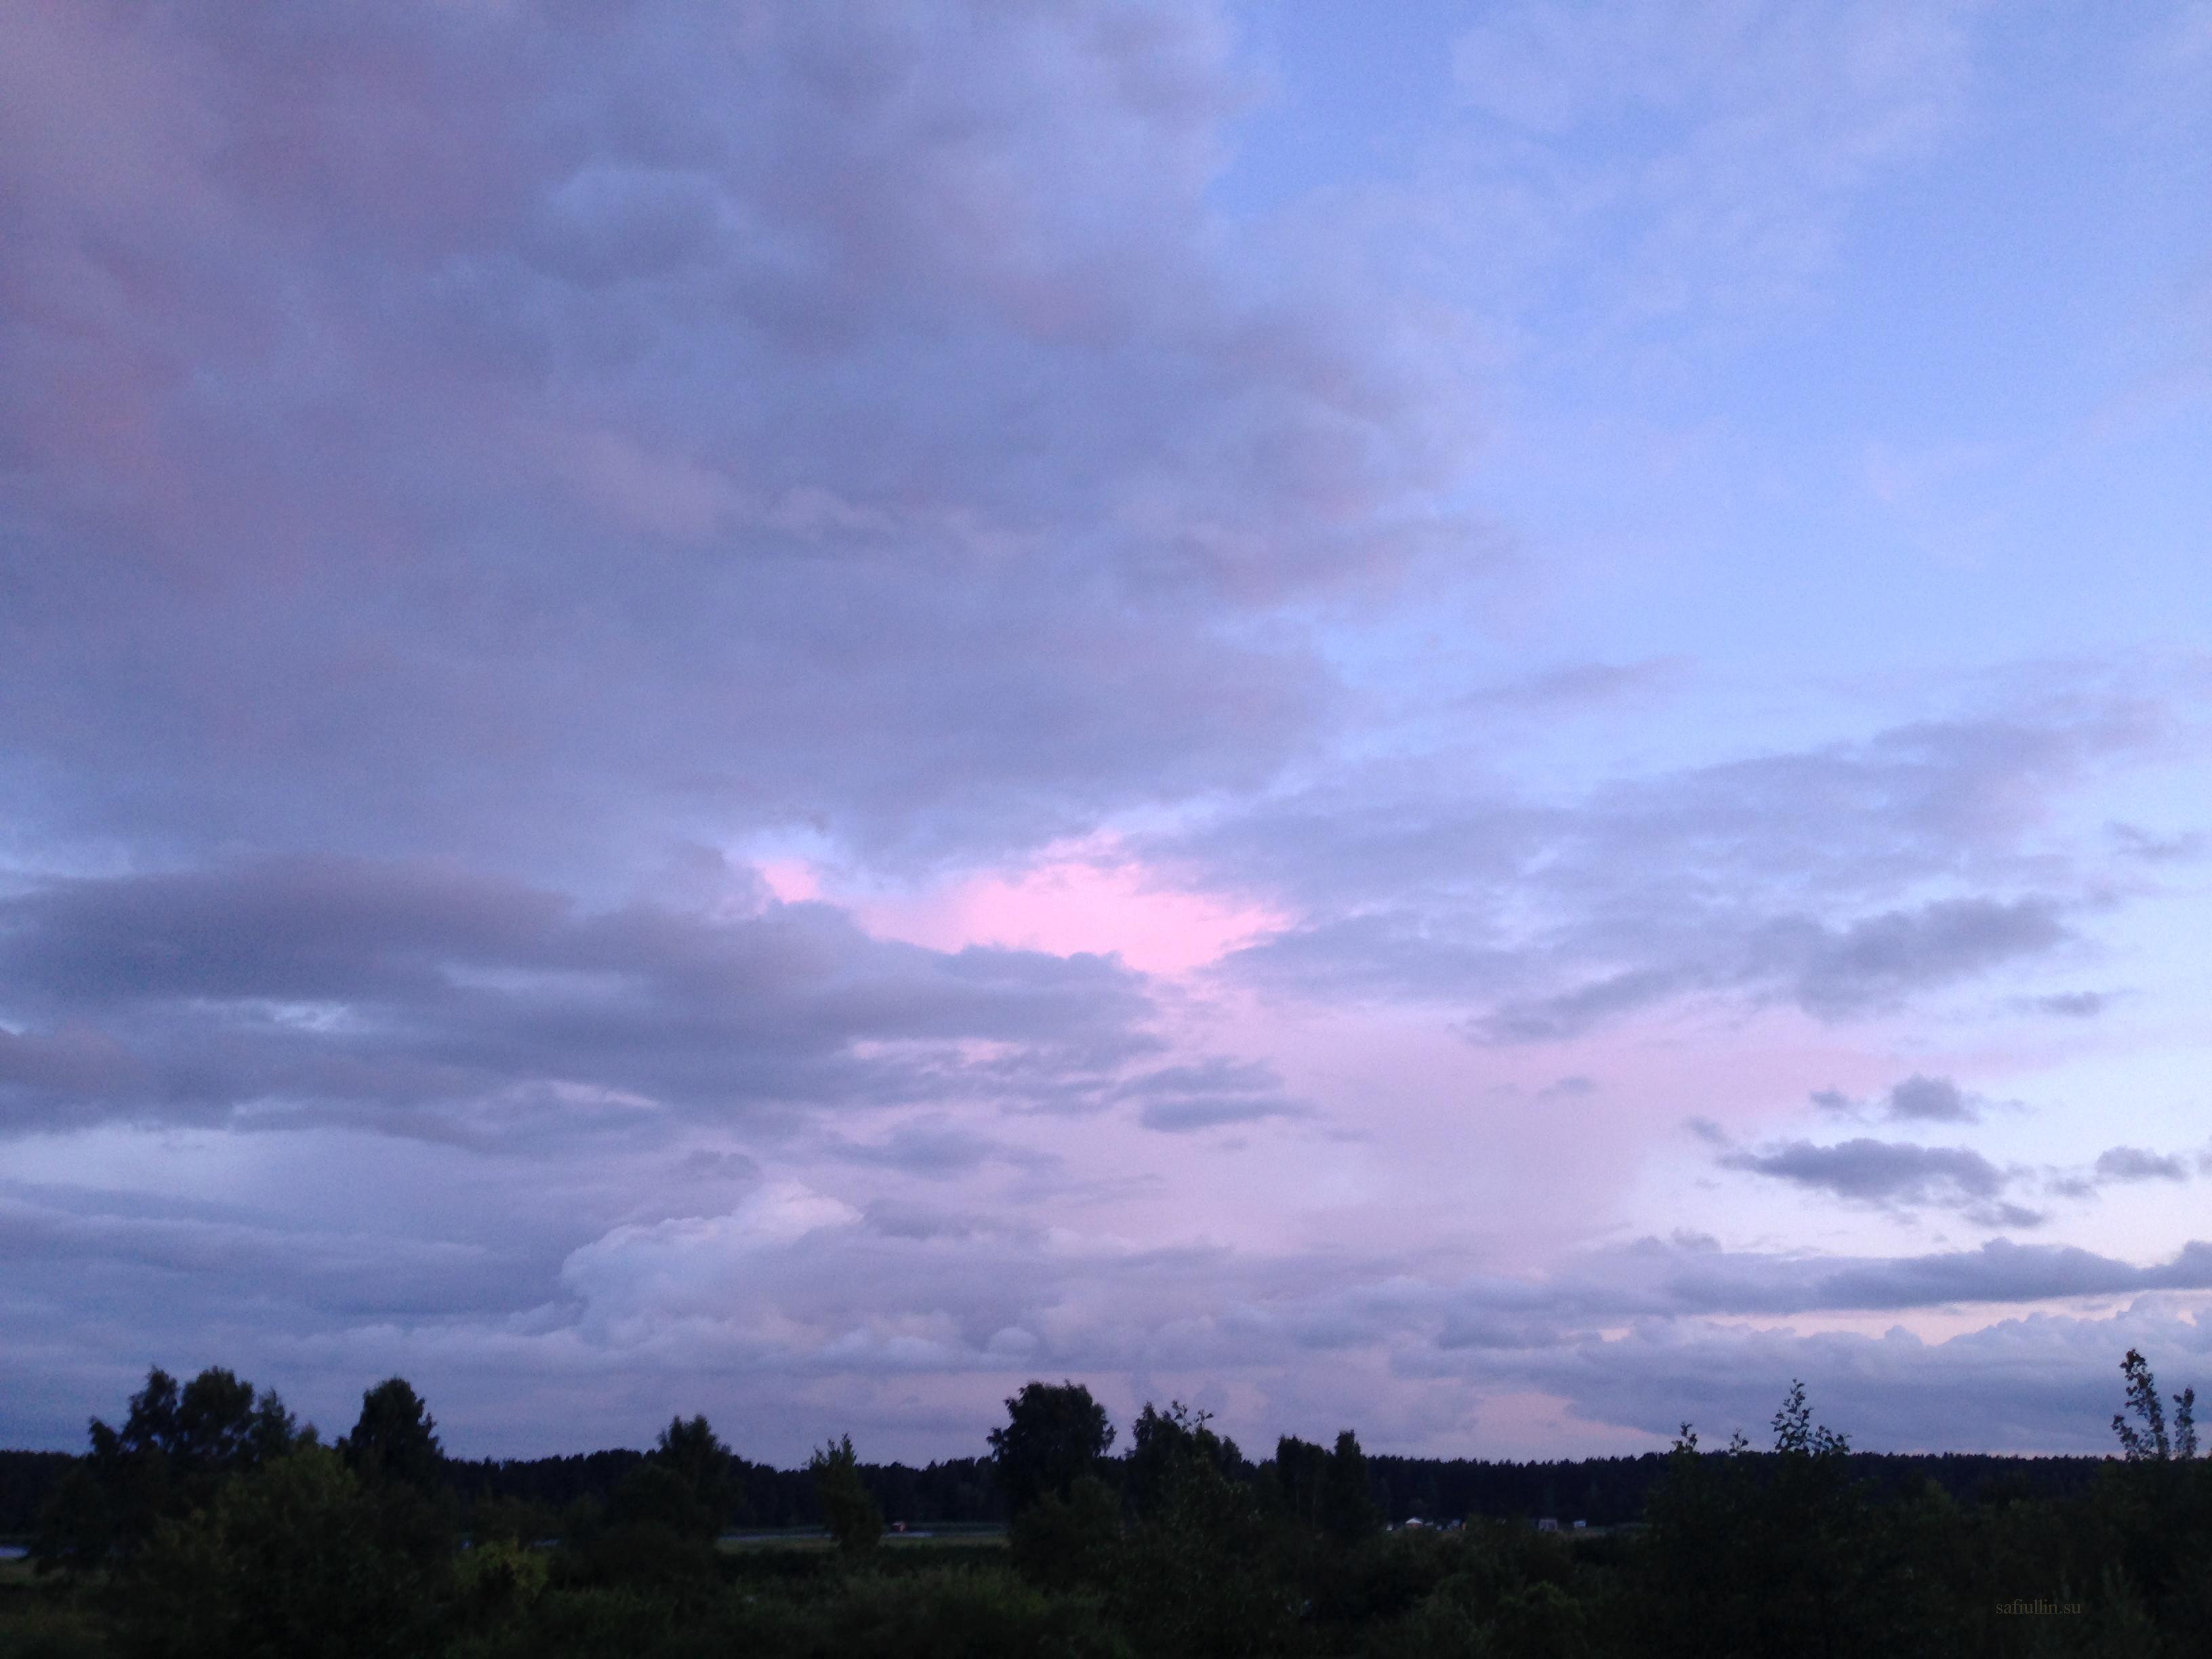 пейзажи природы альберт сафиуллин лето закат солнца юрмала